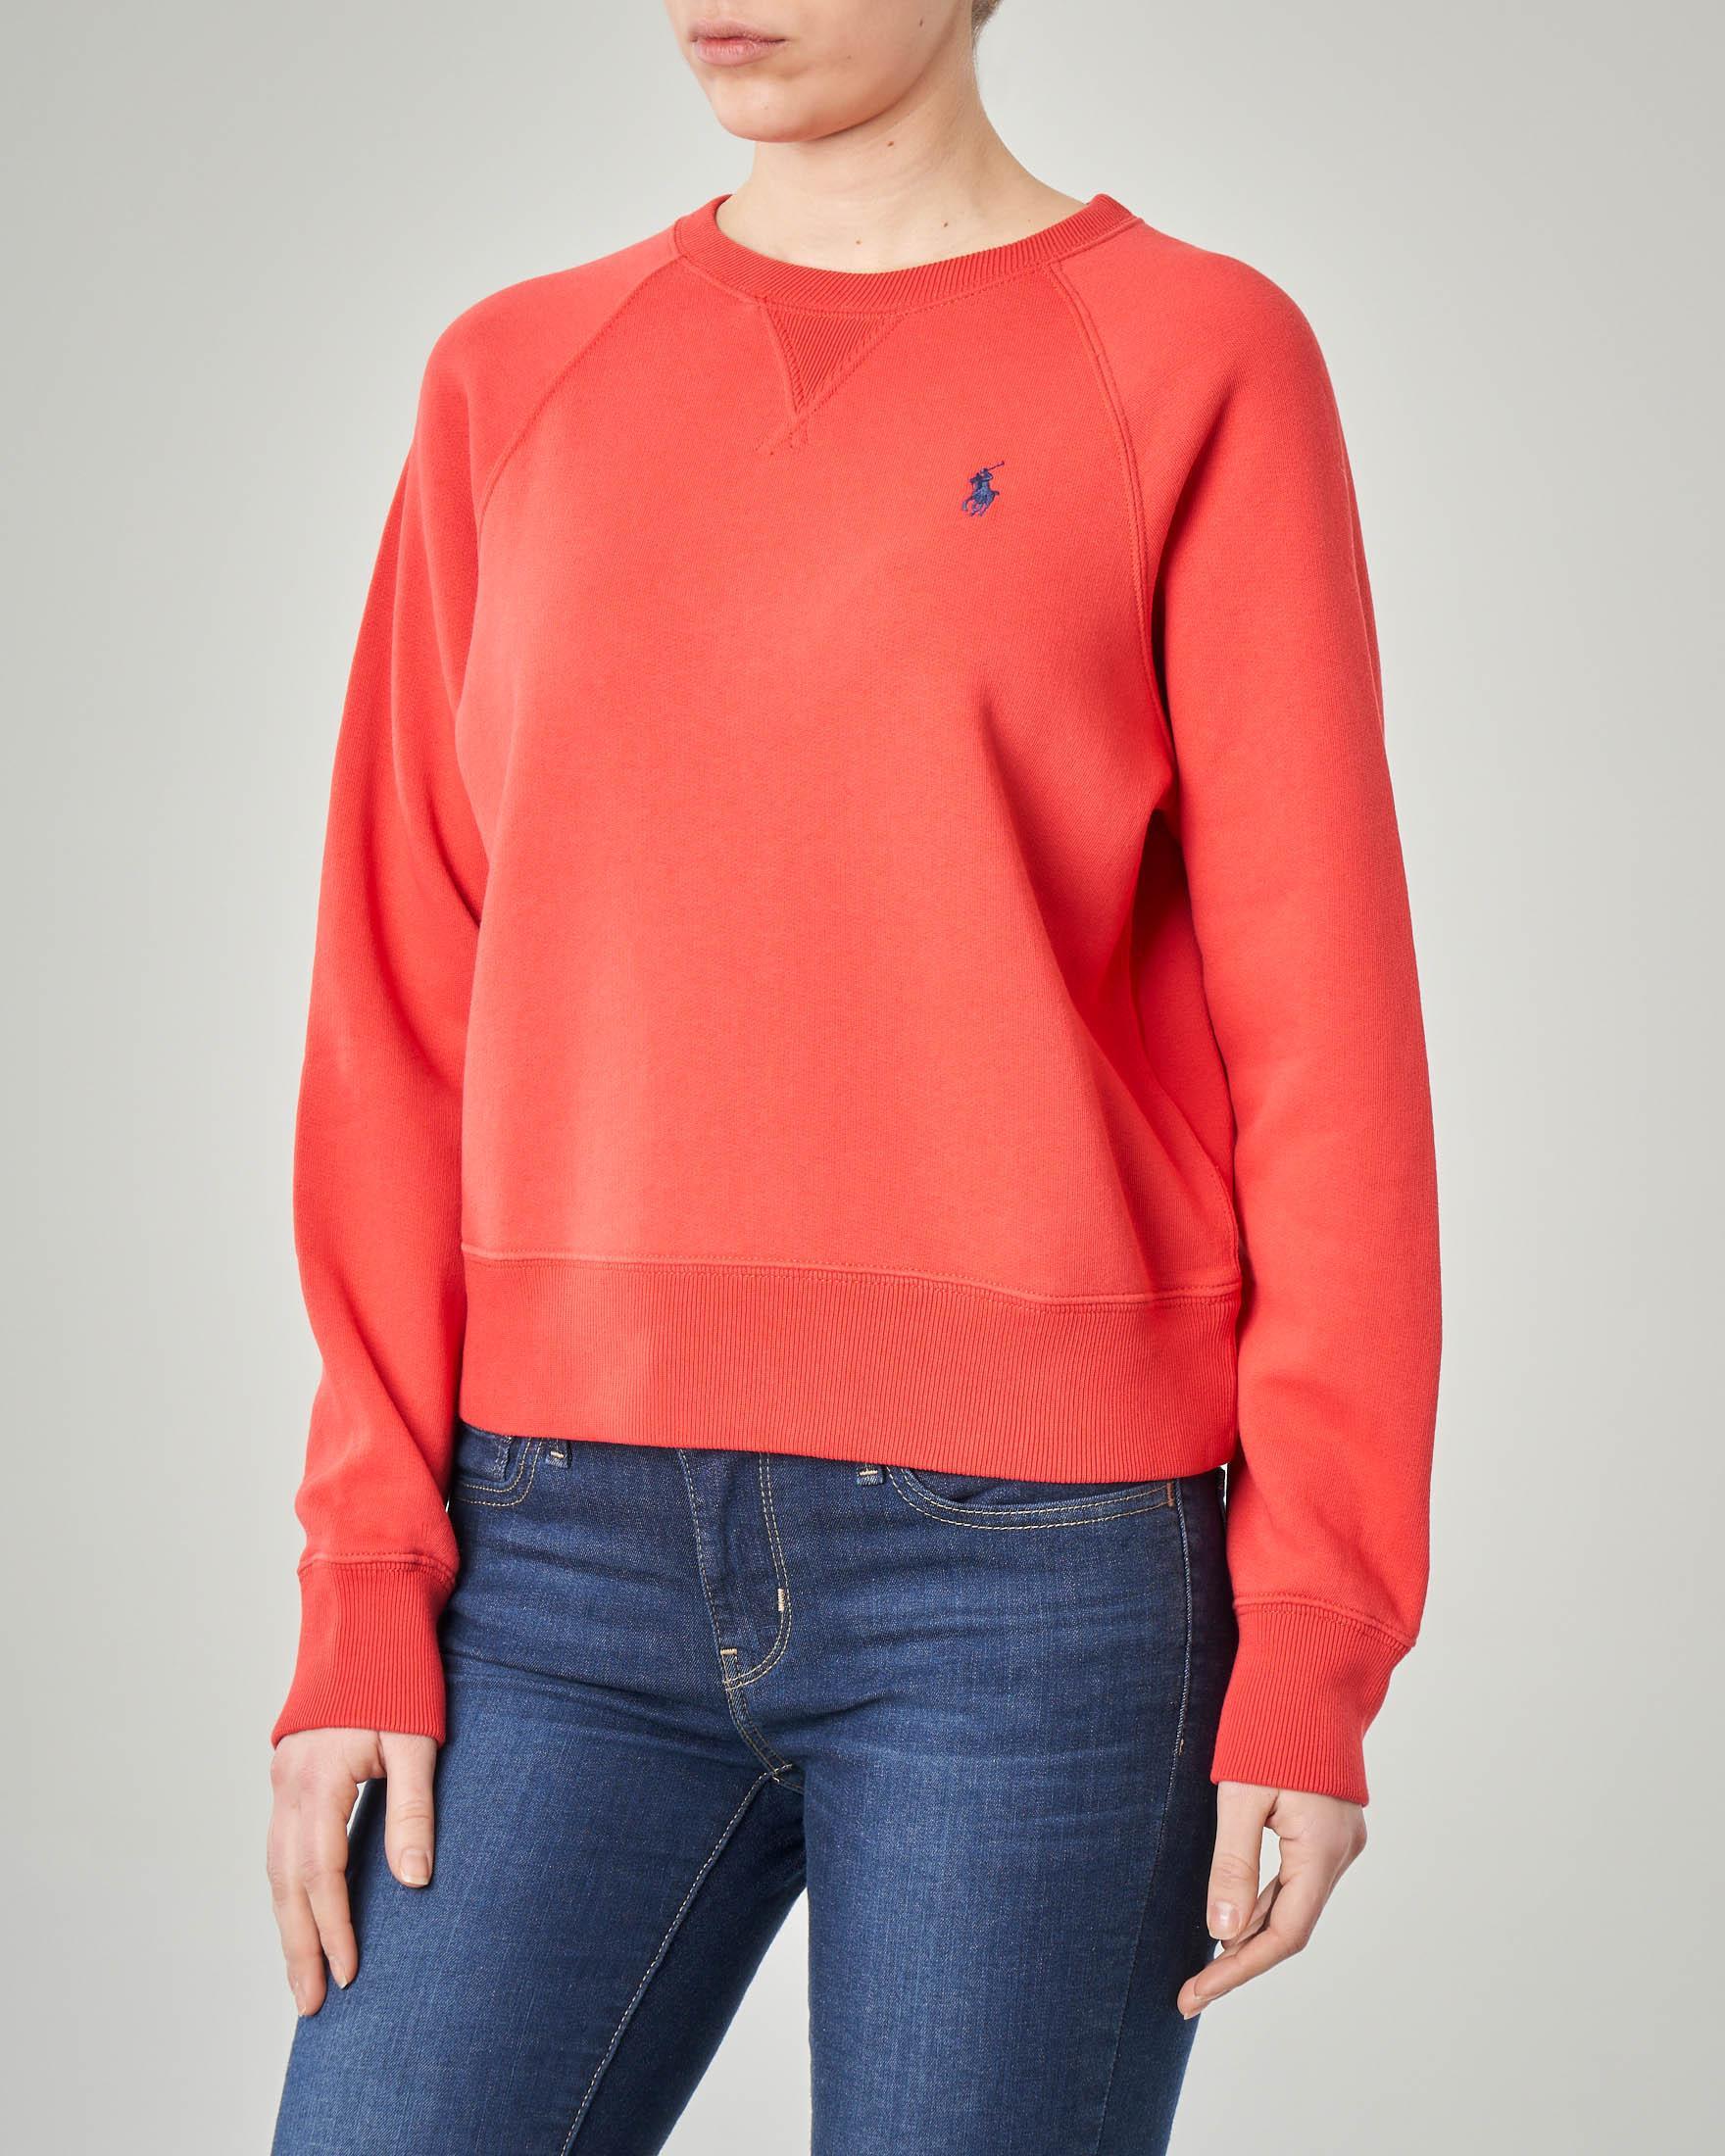 Felpa rossa girocollo in jersey di cotone